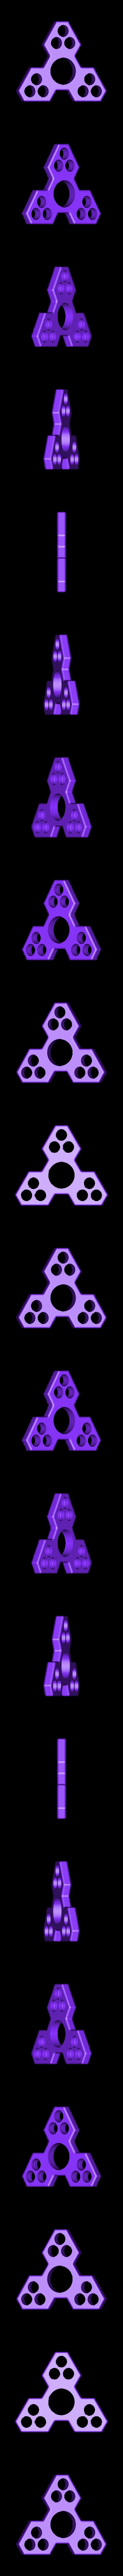 mitsu_608.stl Télécharger fichier STL gratuit Fidget Spinner Mitsu remix with 10mm balls • Objet imprimable en 3D, bda